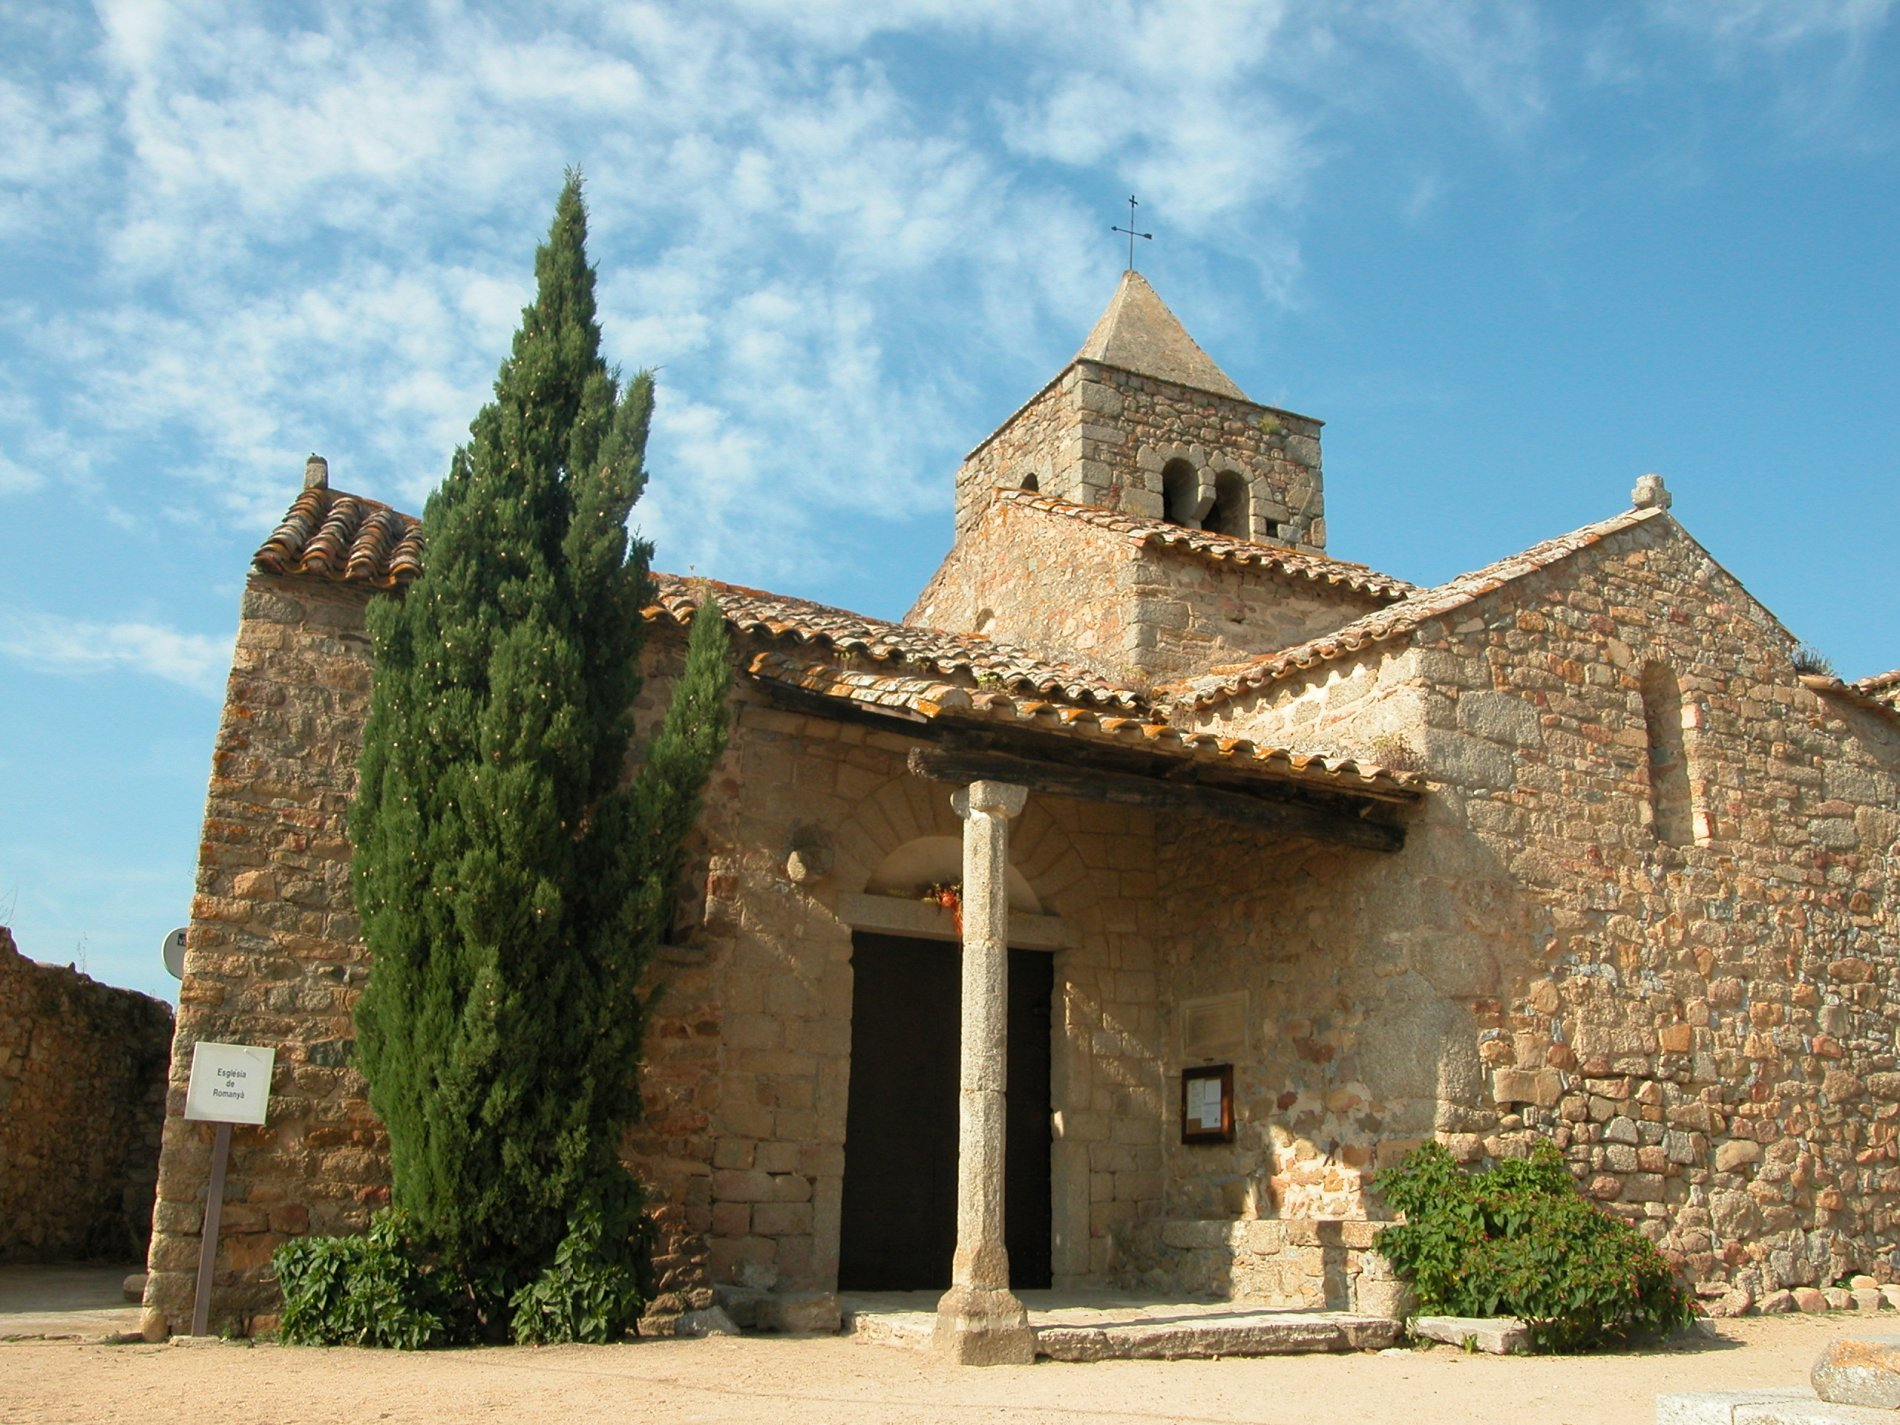 Sant Martí de Romanyà. Santa Cristina d'Aro